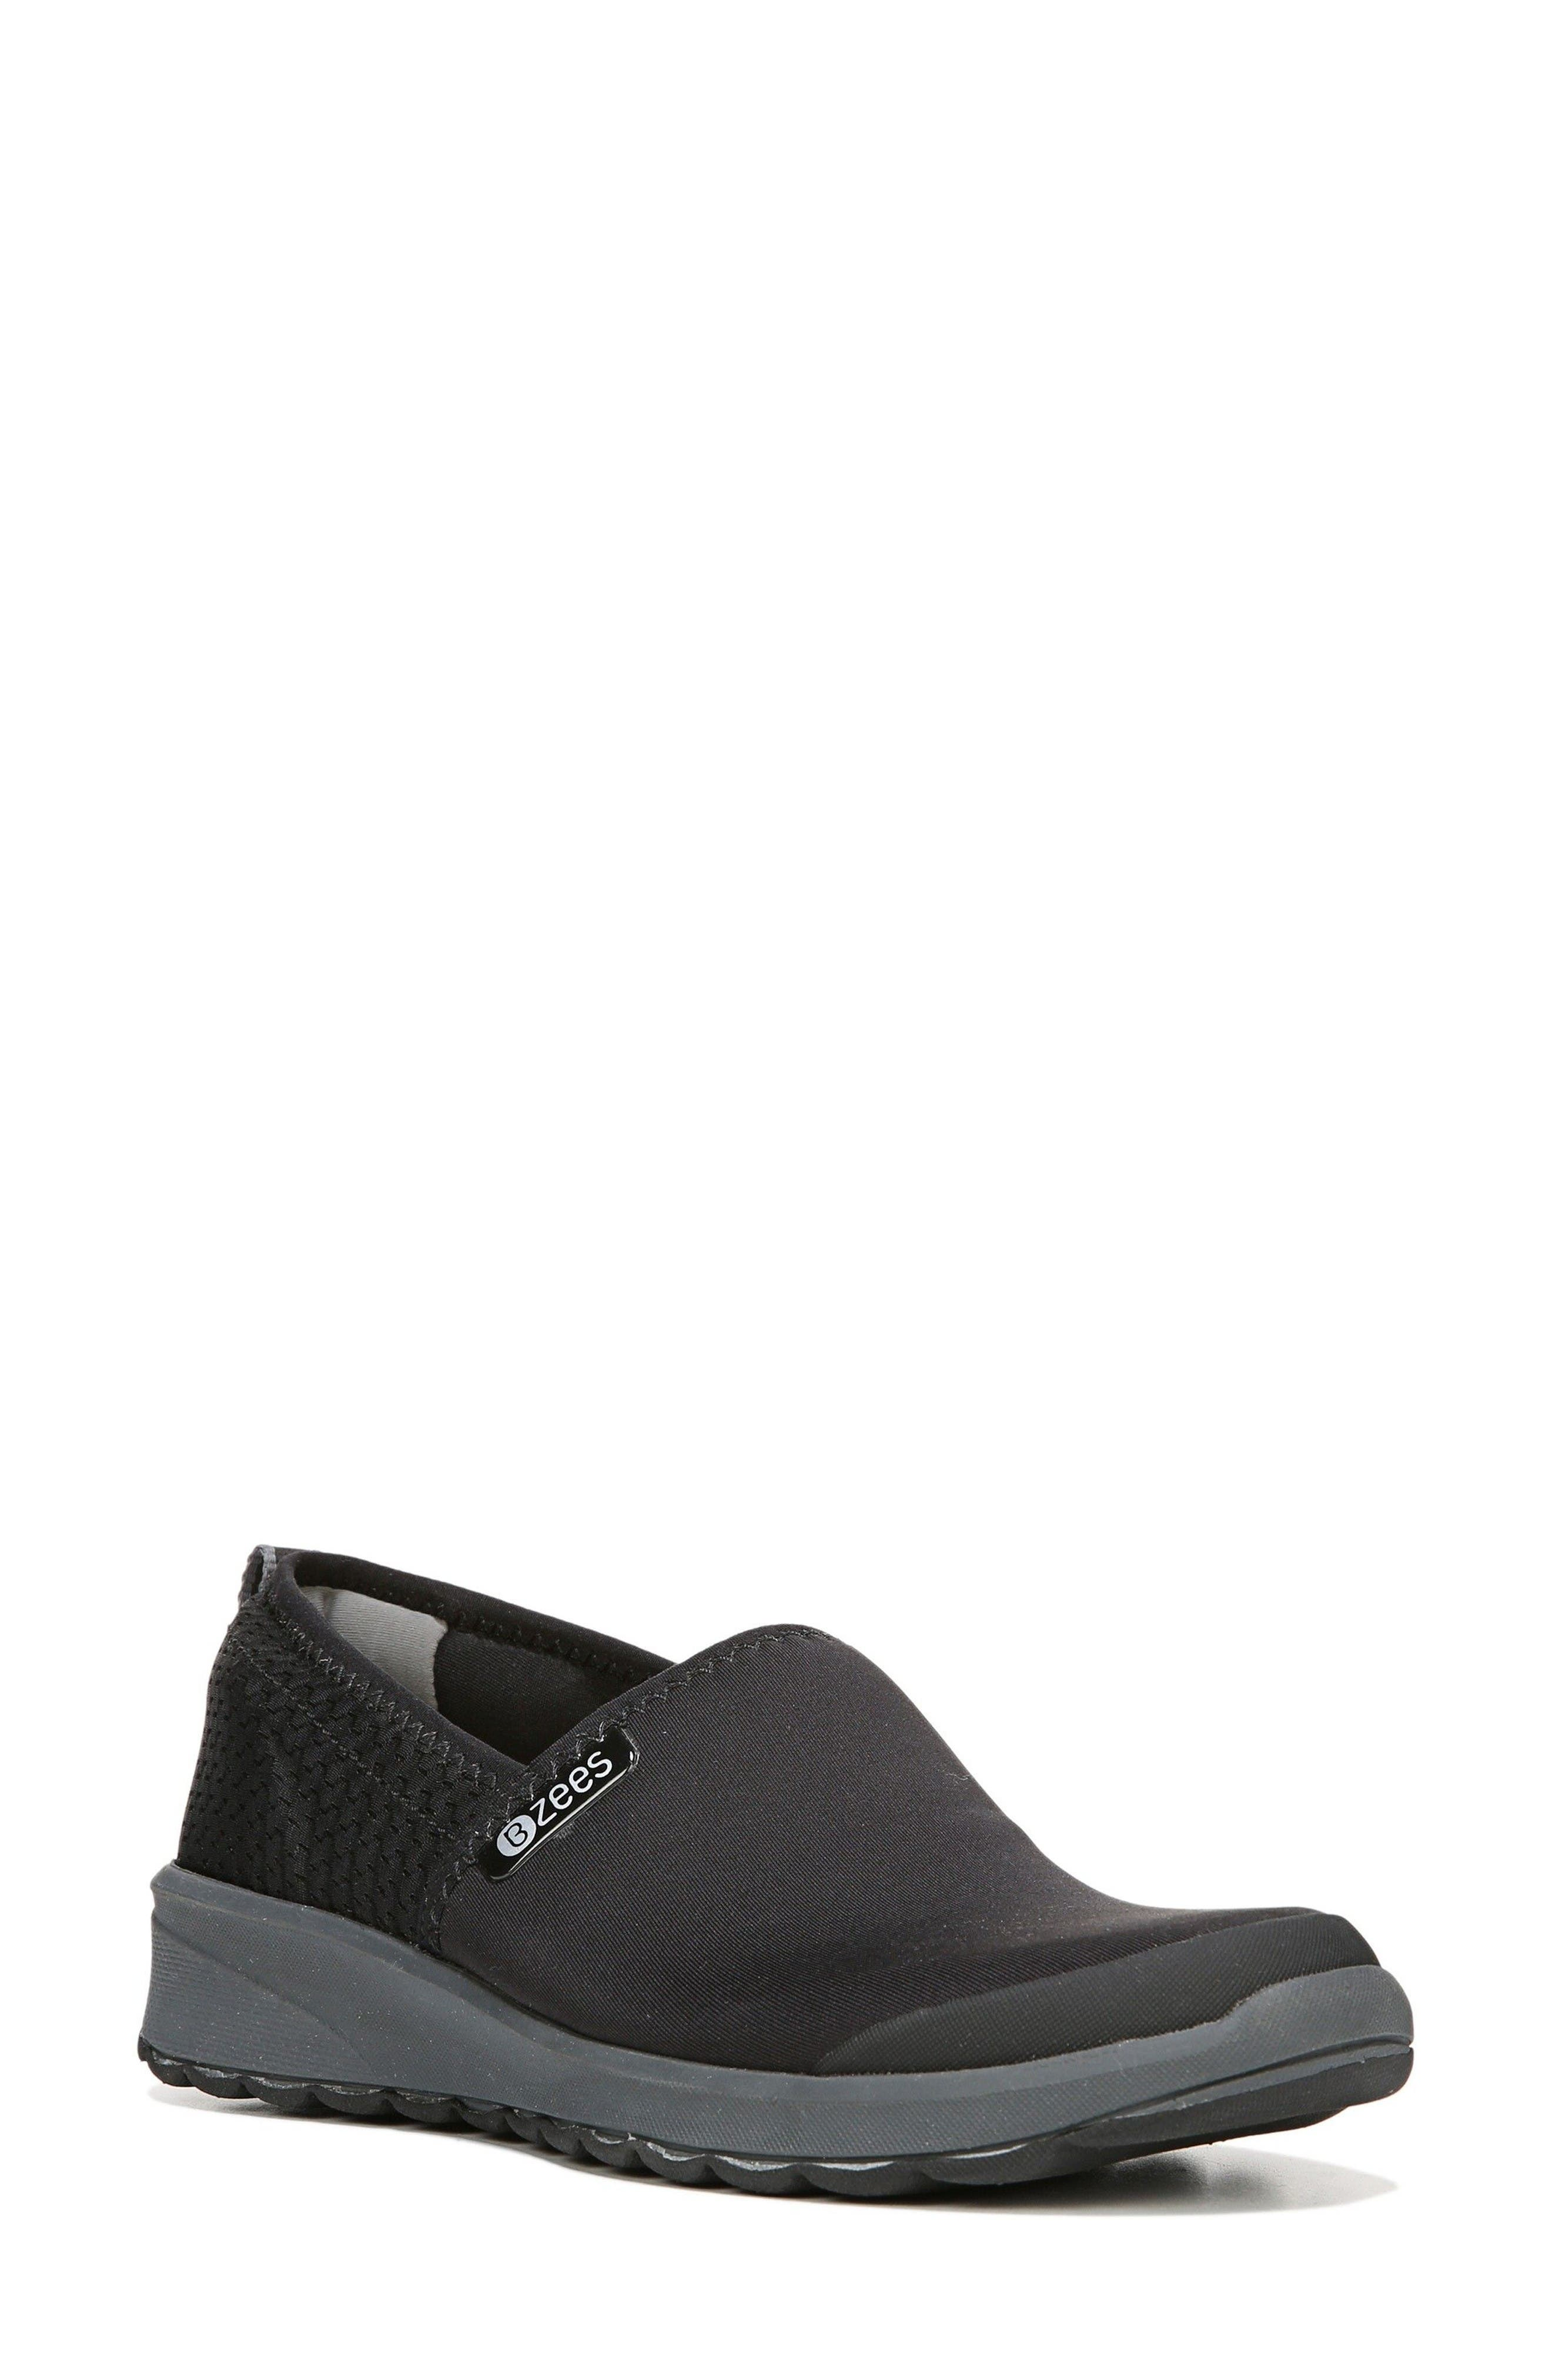 BZees Glee Slip-On Sneaker (Women)